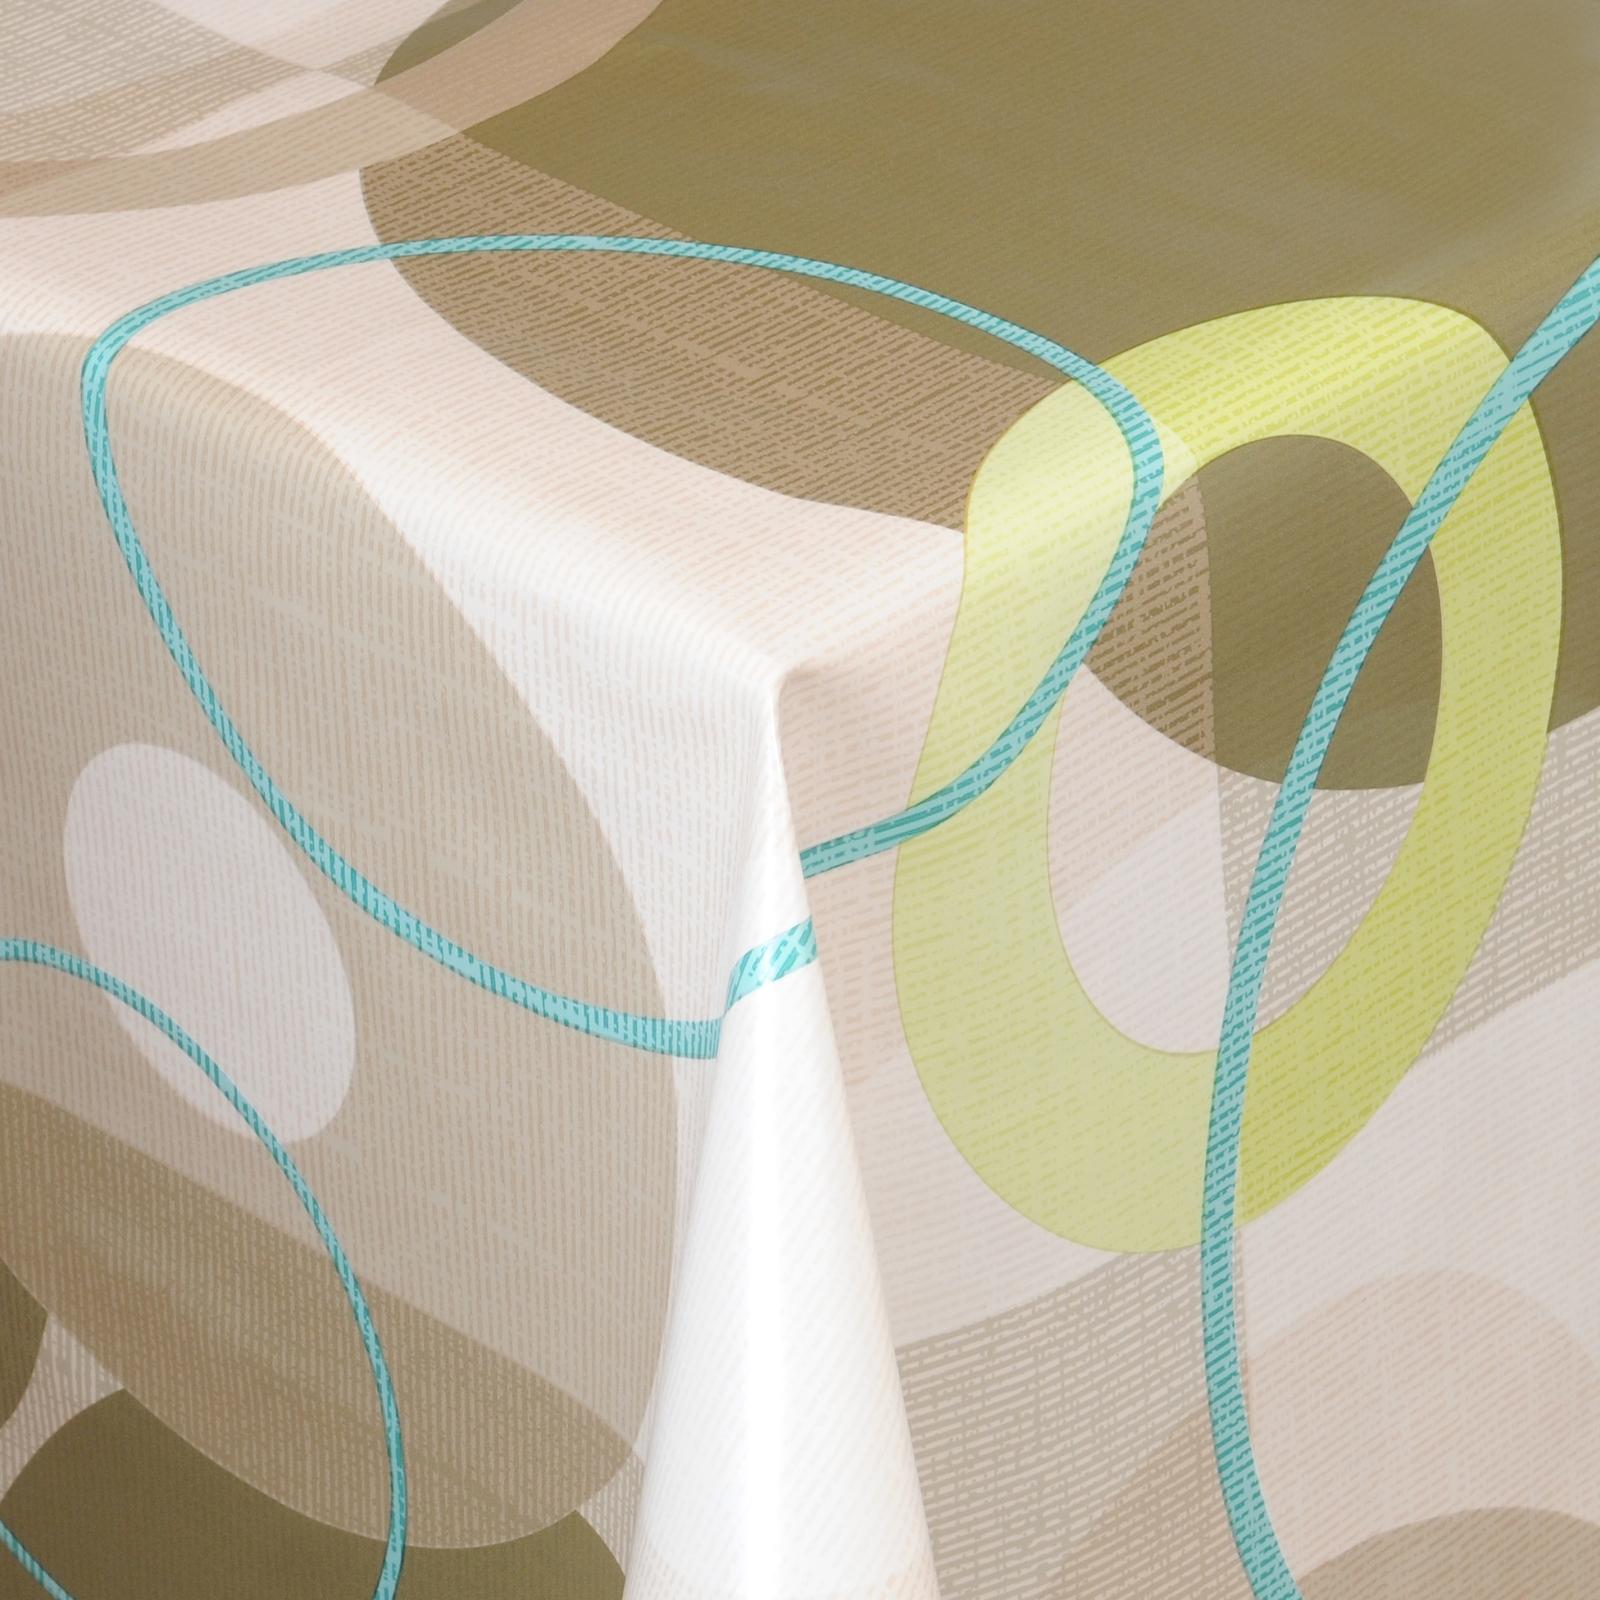 tischdecke abwaschbar wachstuch retro motiv gr n beige im. Black Bedroom Furniture Sets. Home Design Ideas